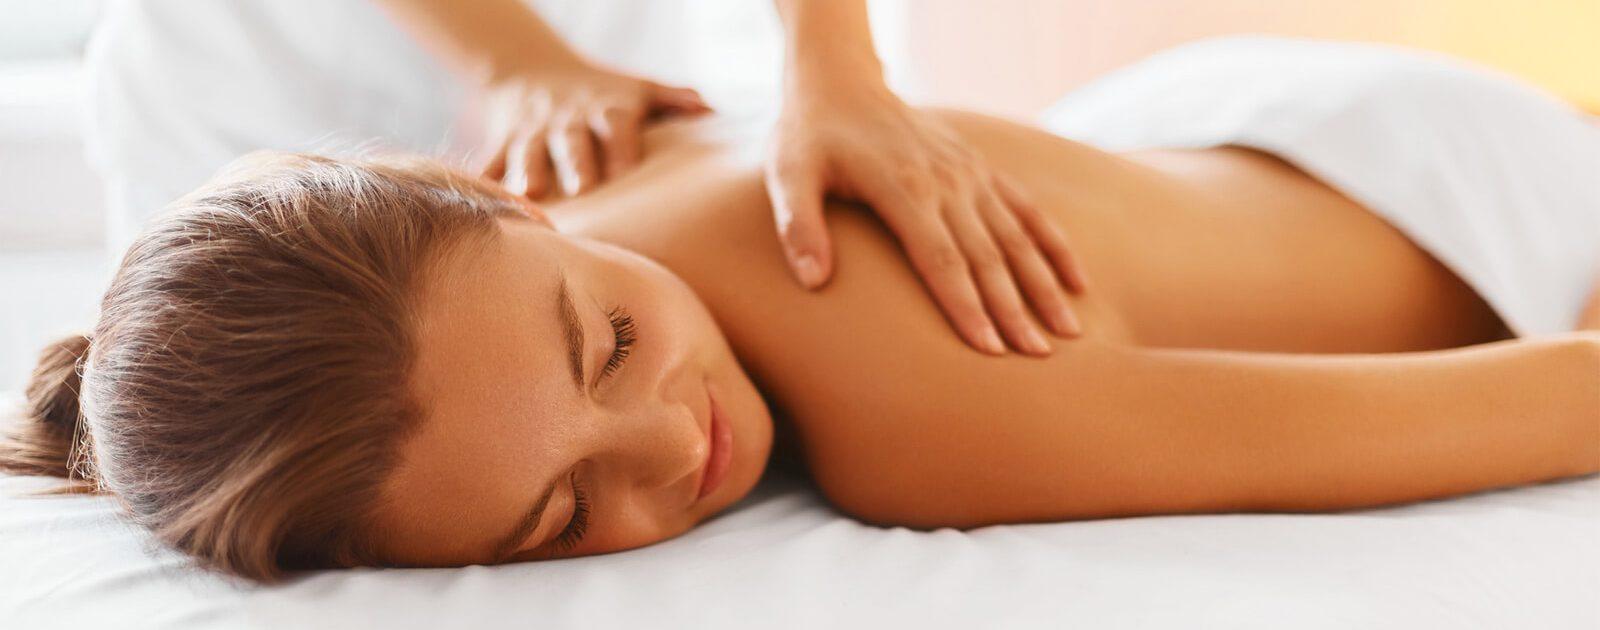 Eine Frau bekommt eine entspannte Massage.